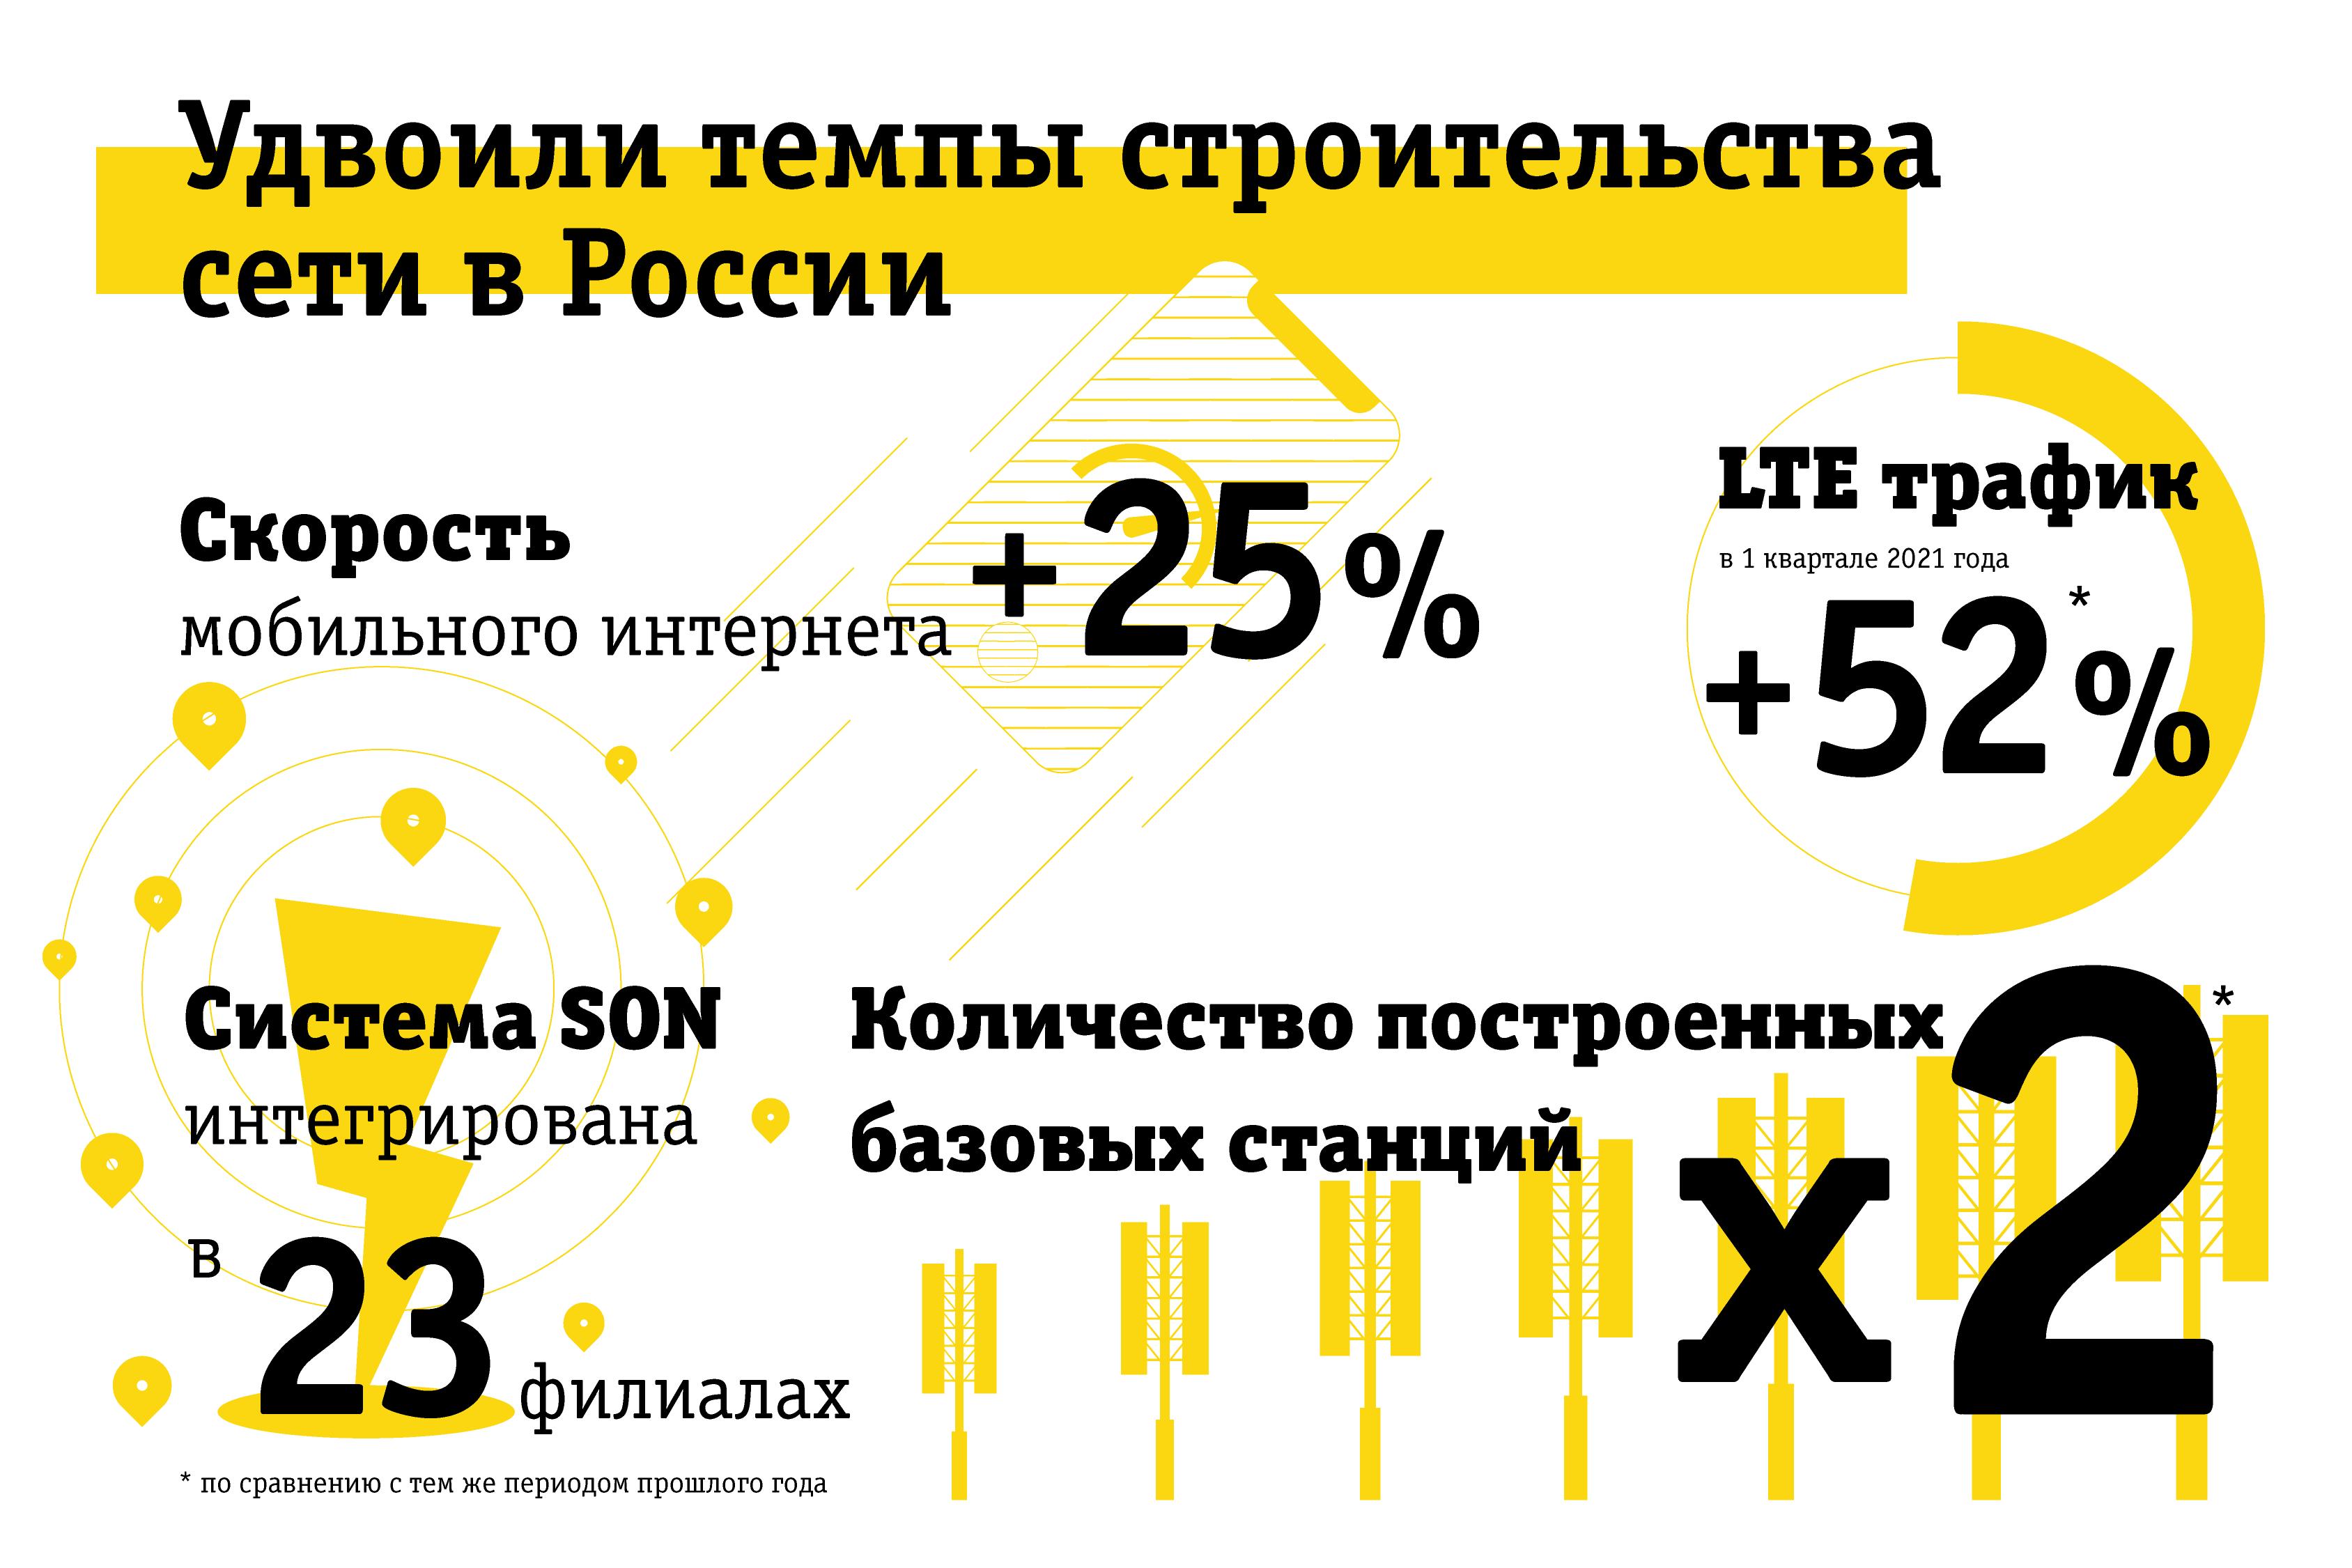 Билайн удвоил темпы строительства сети в России 1